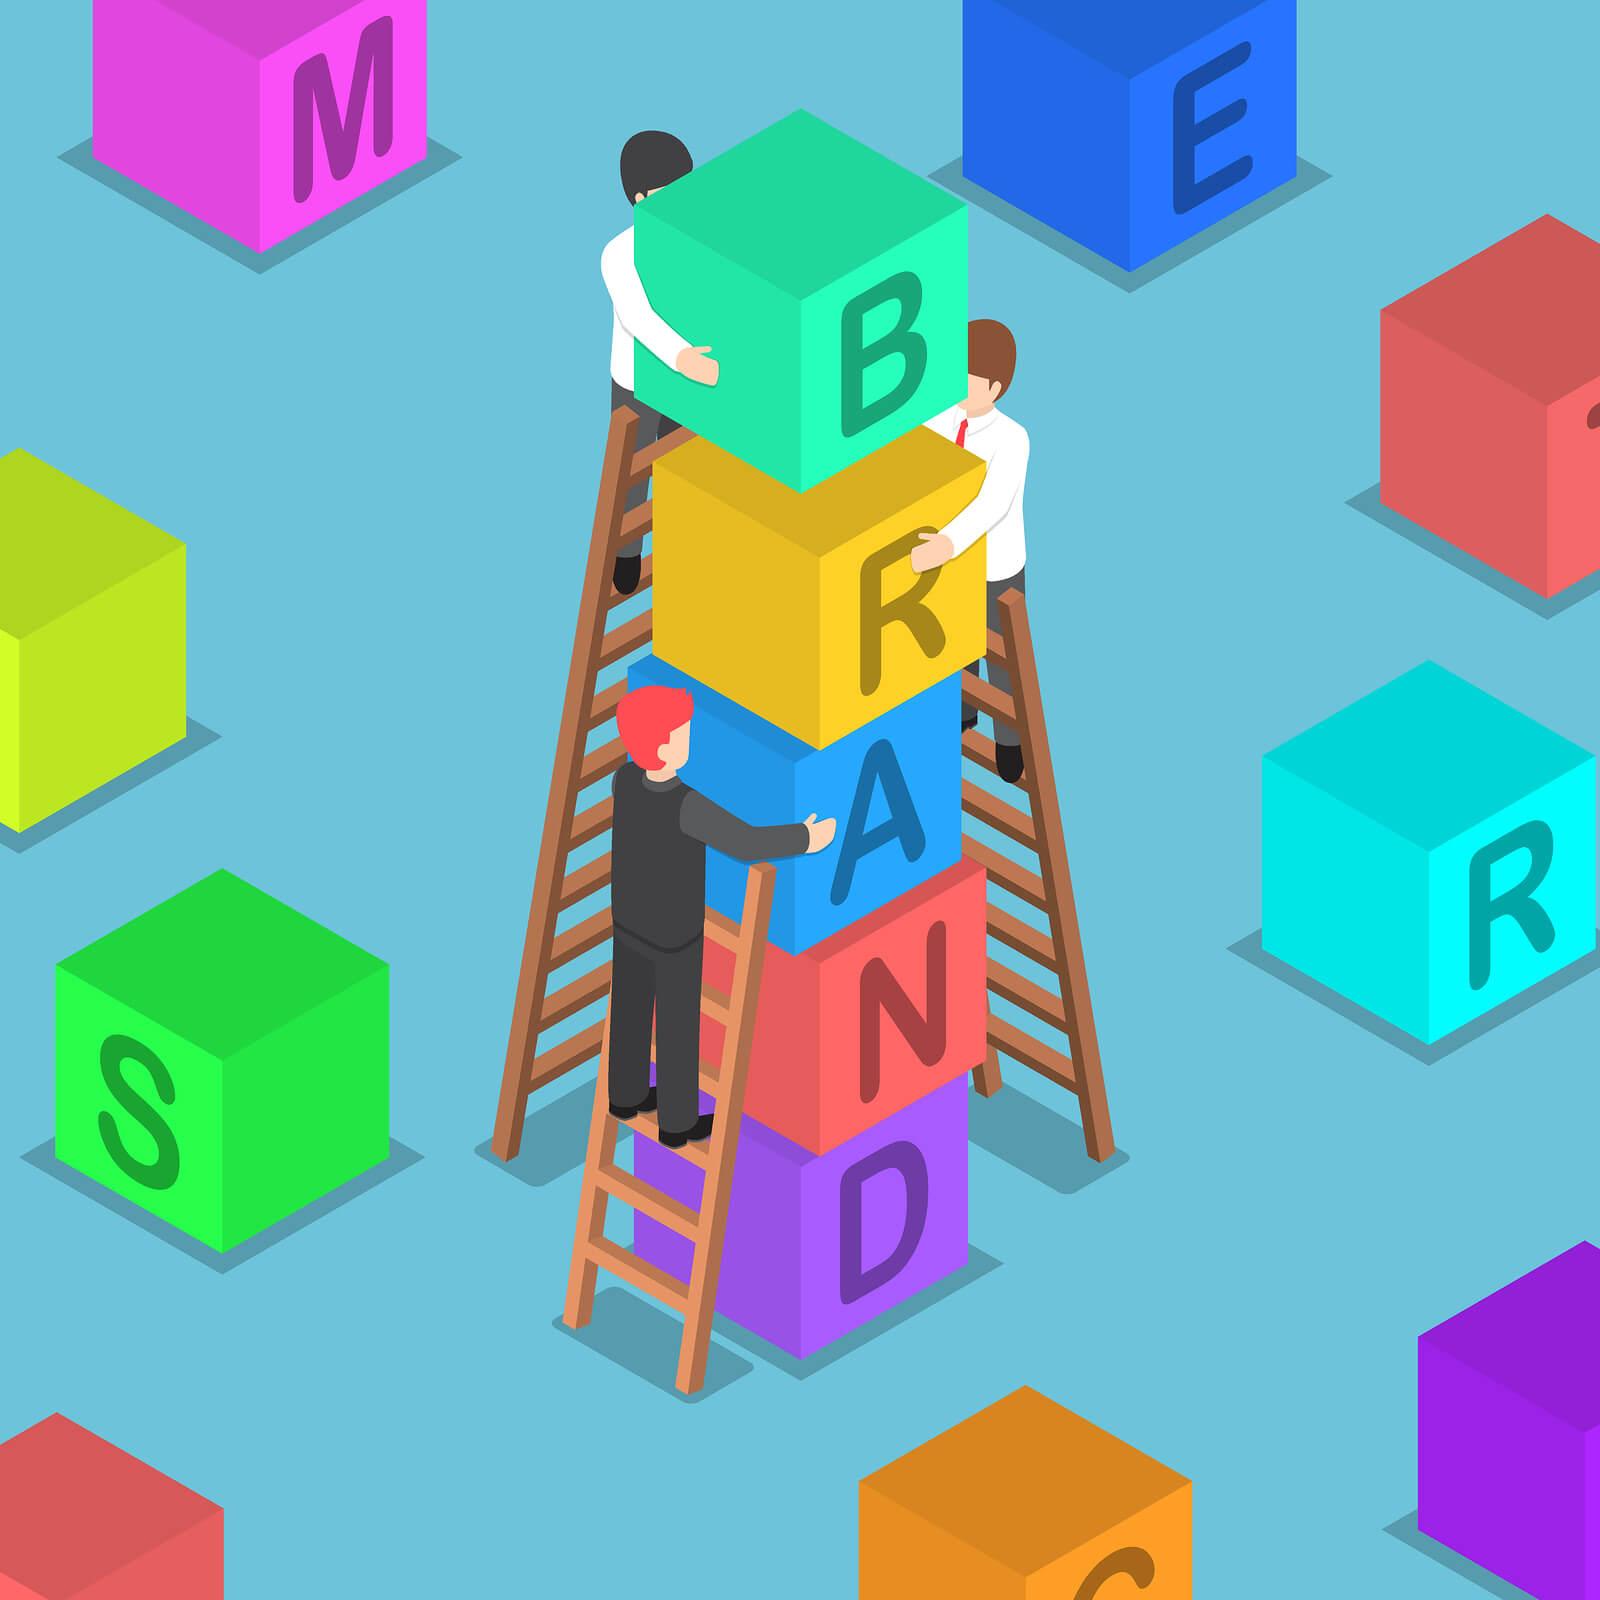 ¿Cómo crear una identidad corporativa sólida?